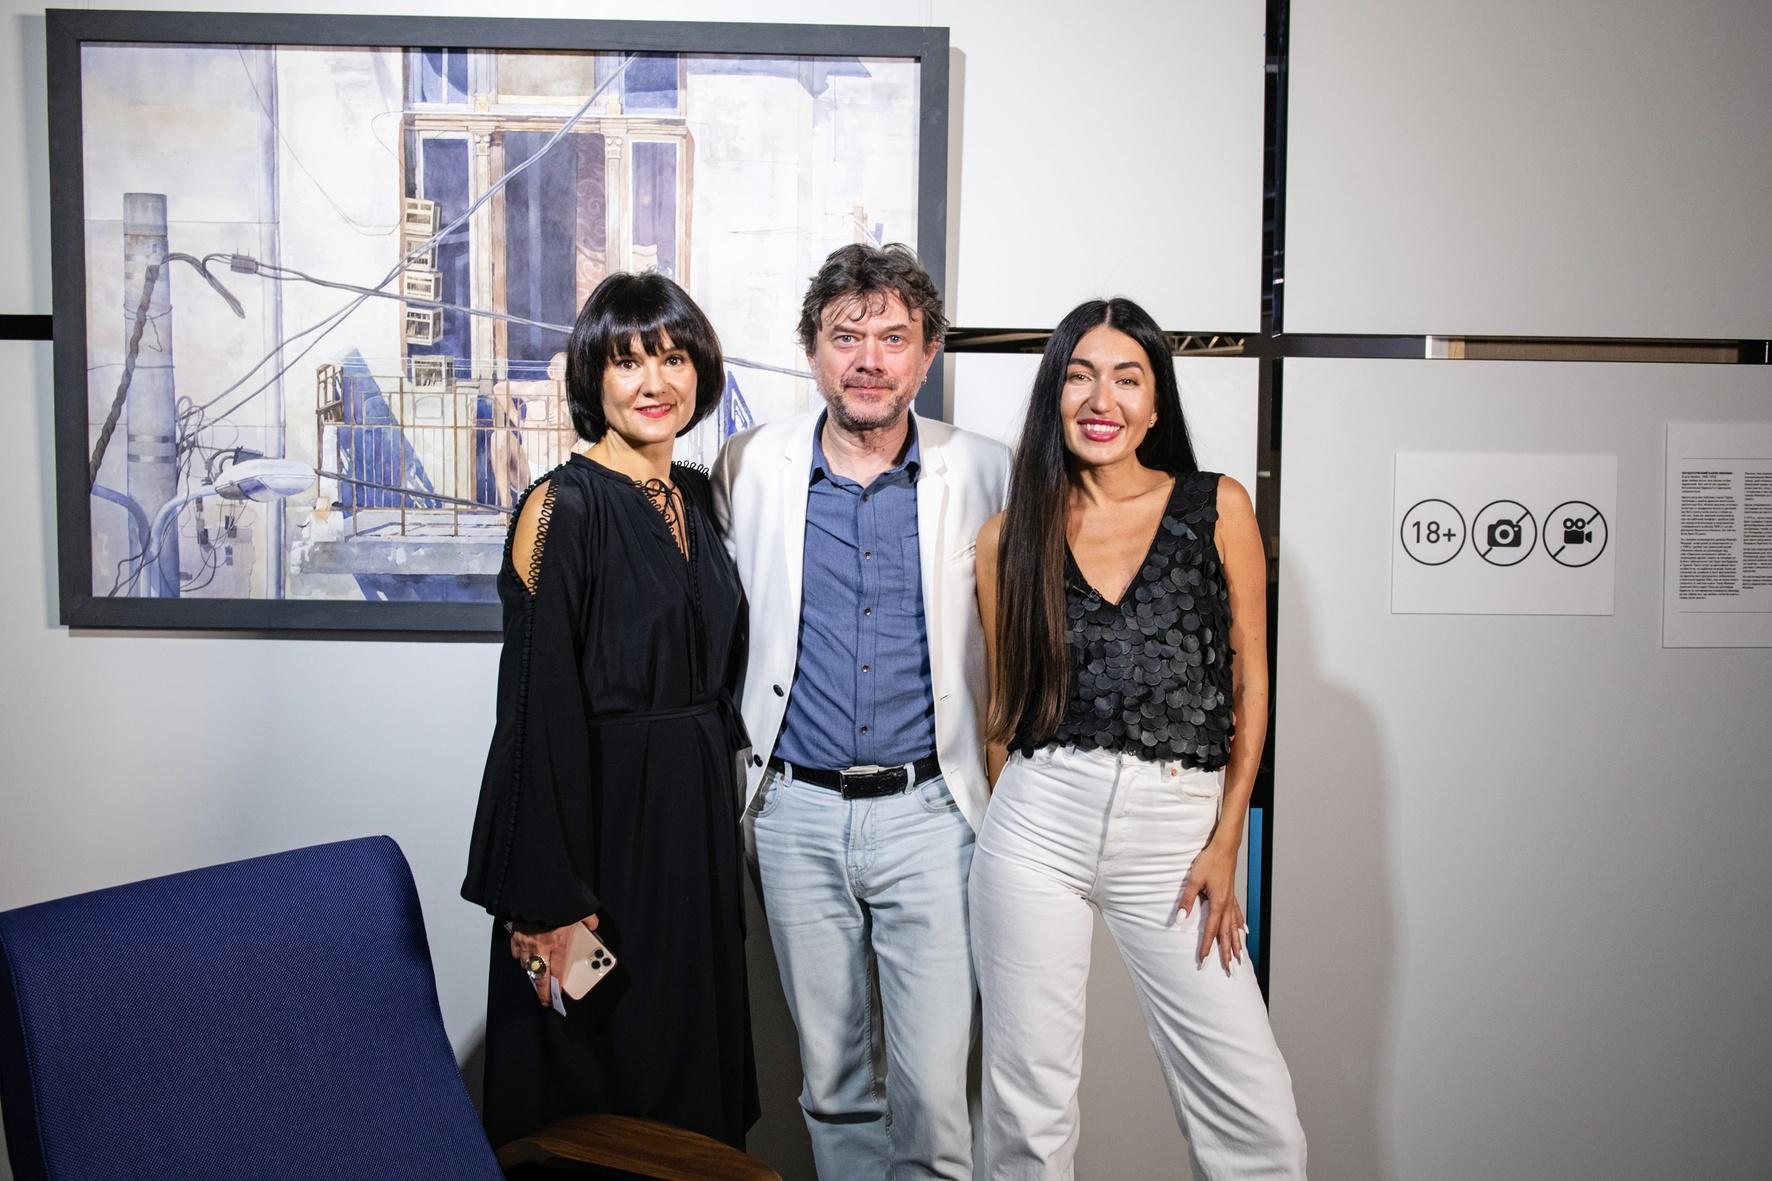 D.HUB відкрилася унікальна виставка ZLAM